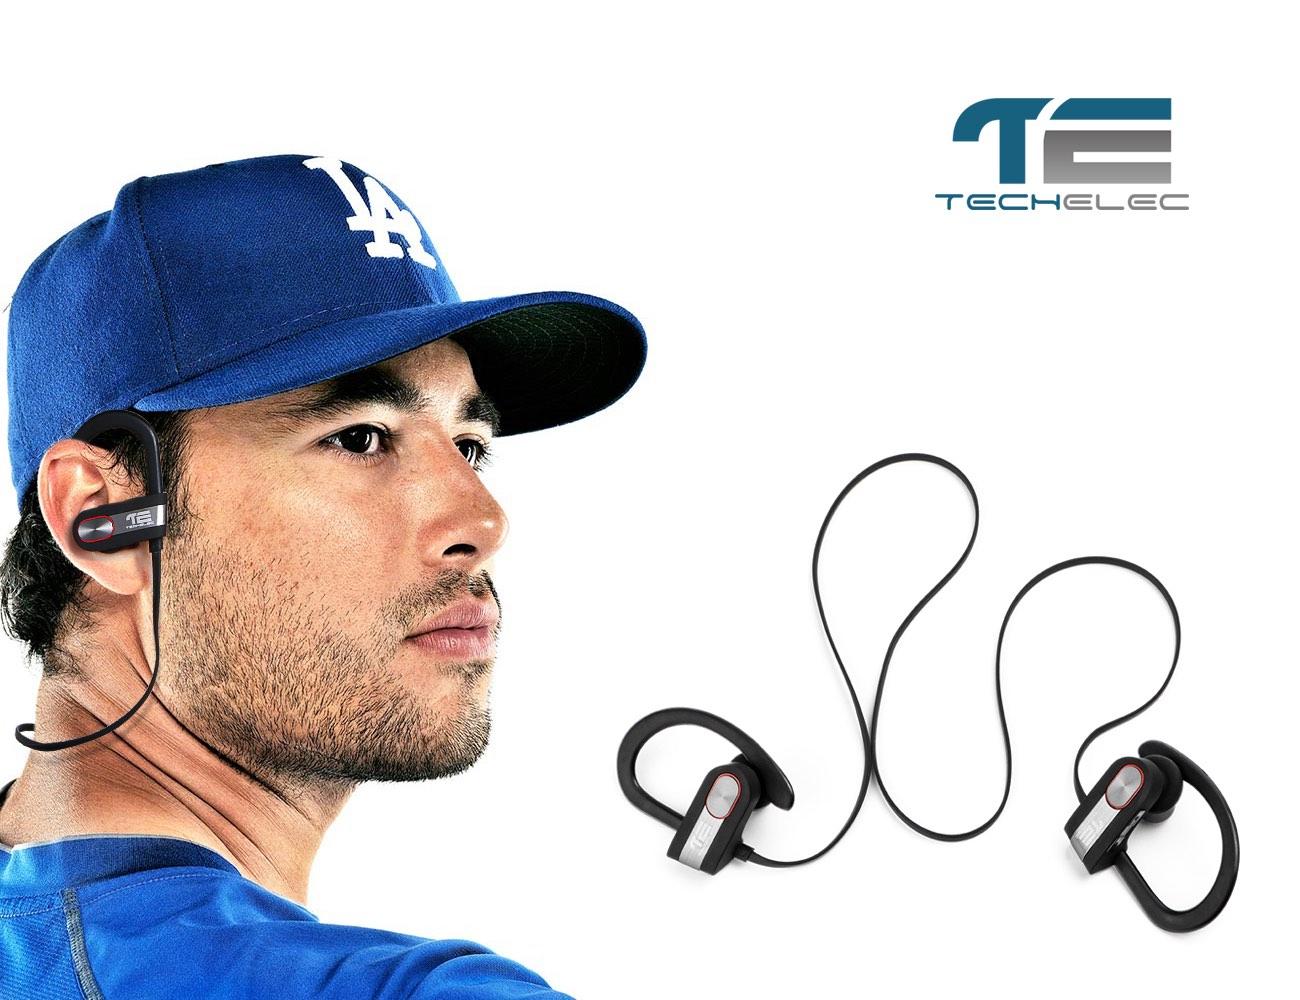 techelec-sp-x-sweatproof-sport-bluetooth-headphones-04